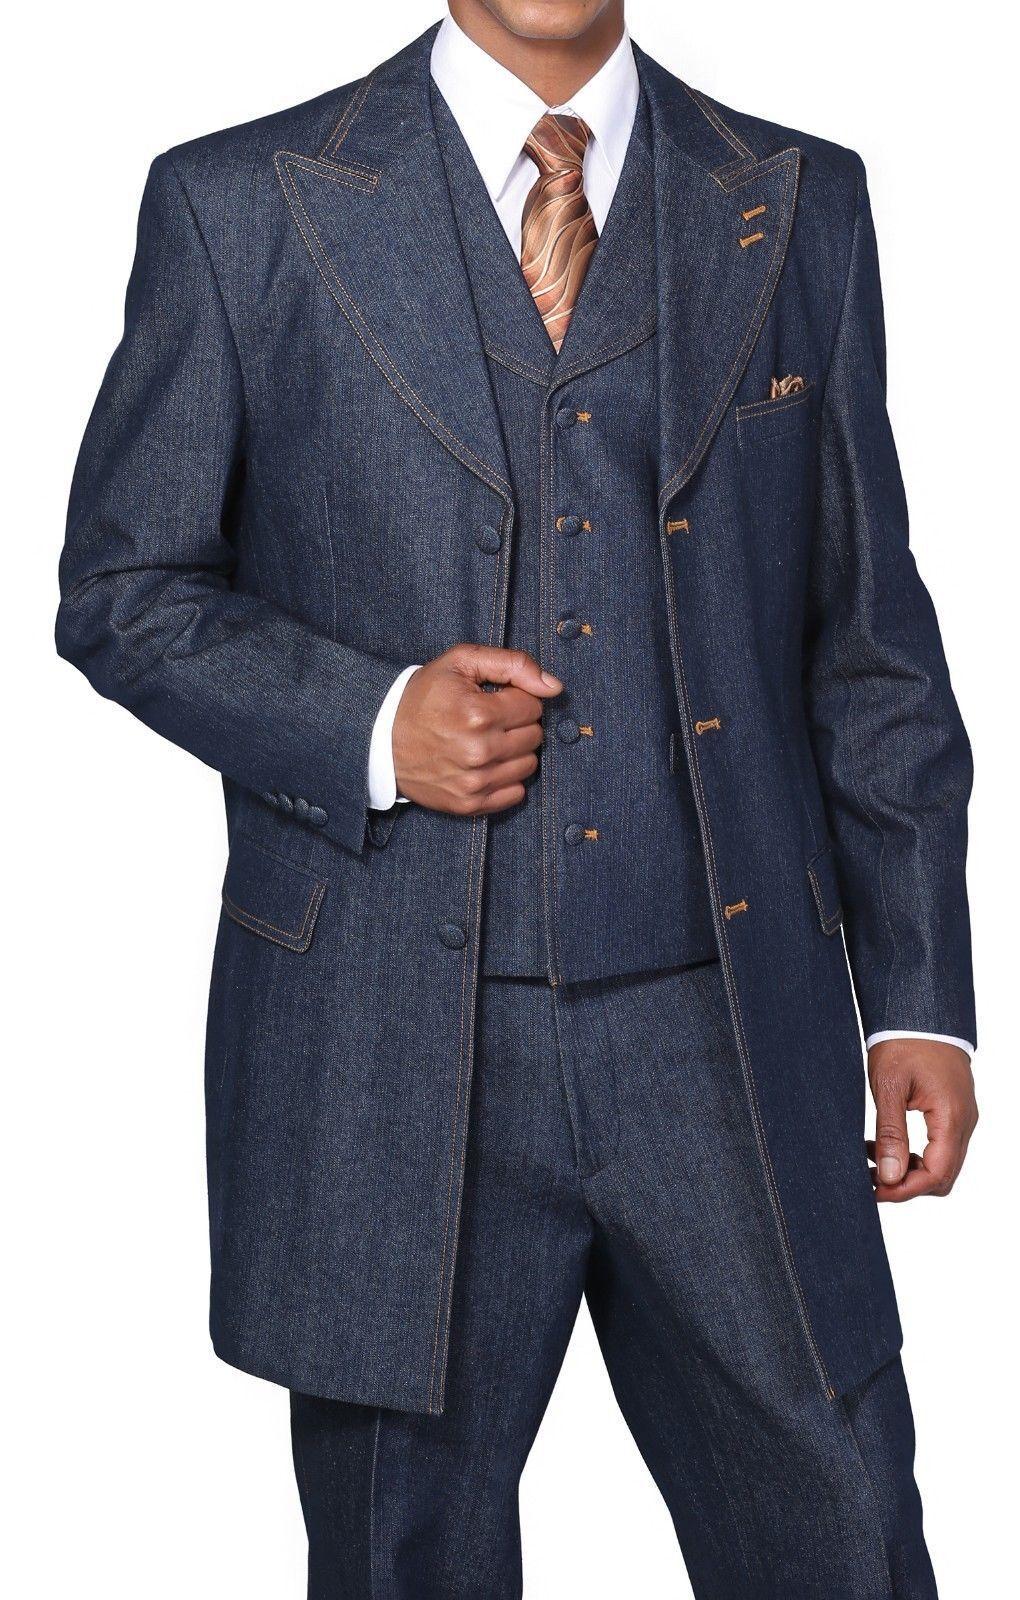 Herren Marine Denim Suit W   Weste, Doppel Nähte Seite Öffnungen von Milano Moda   | Mama kaufte ein bequemes, Baby ist glücklich  | Genialität  | Deutschland